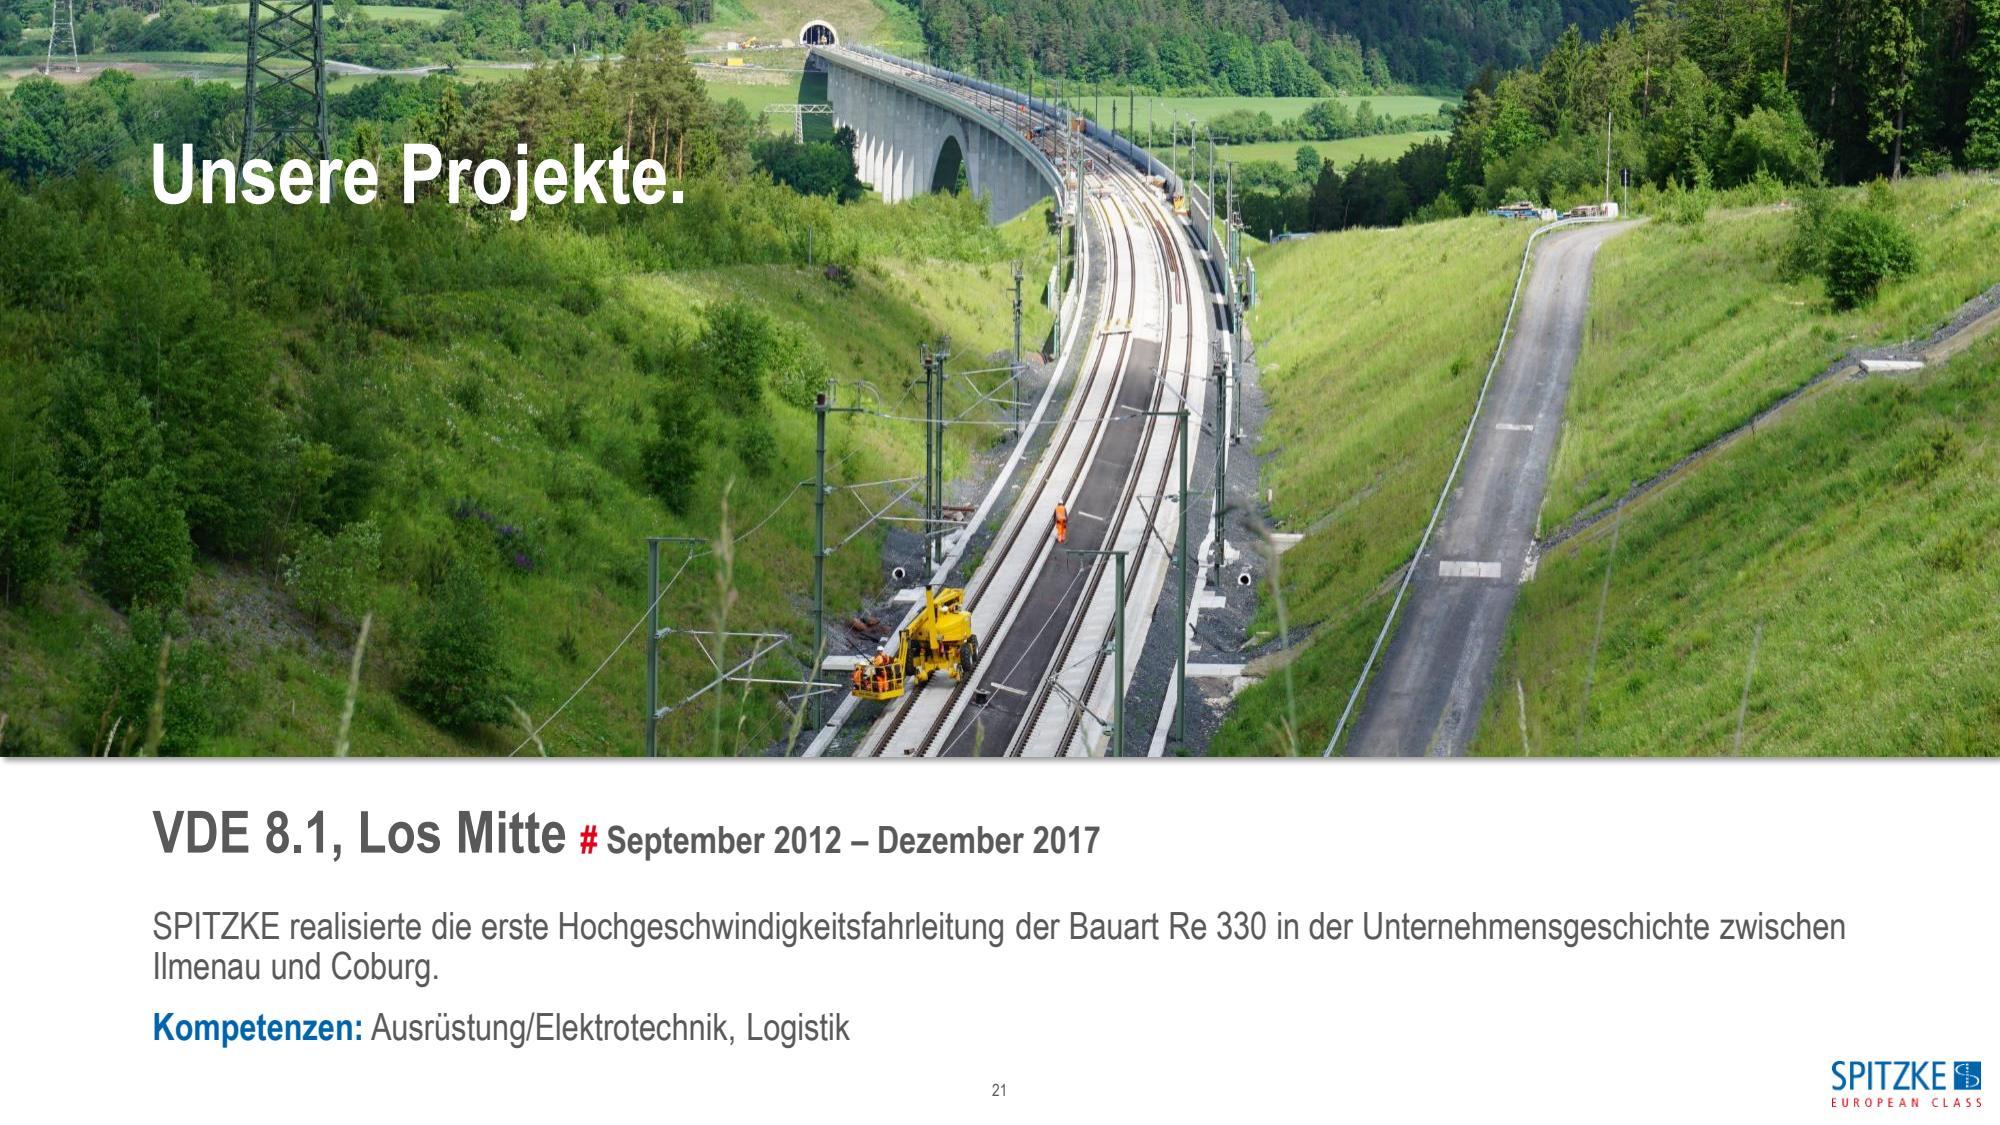 Präsentation UG SPITZKE_2020_HR_page_21